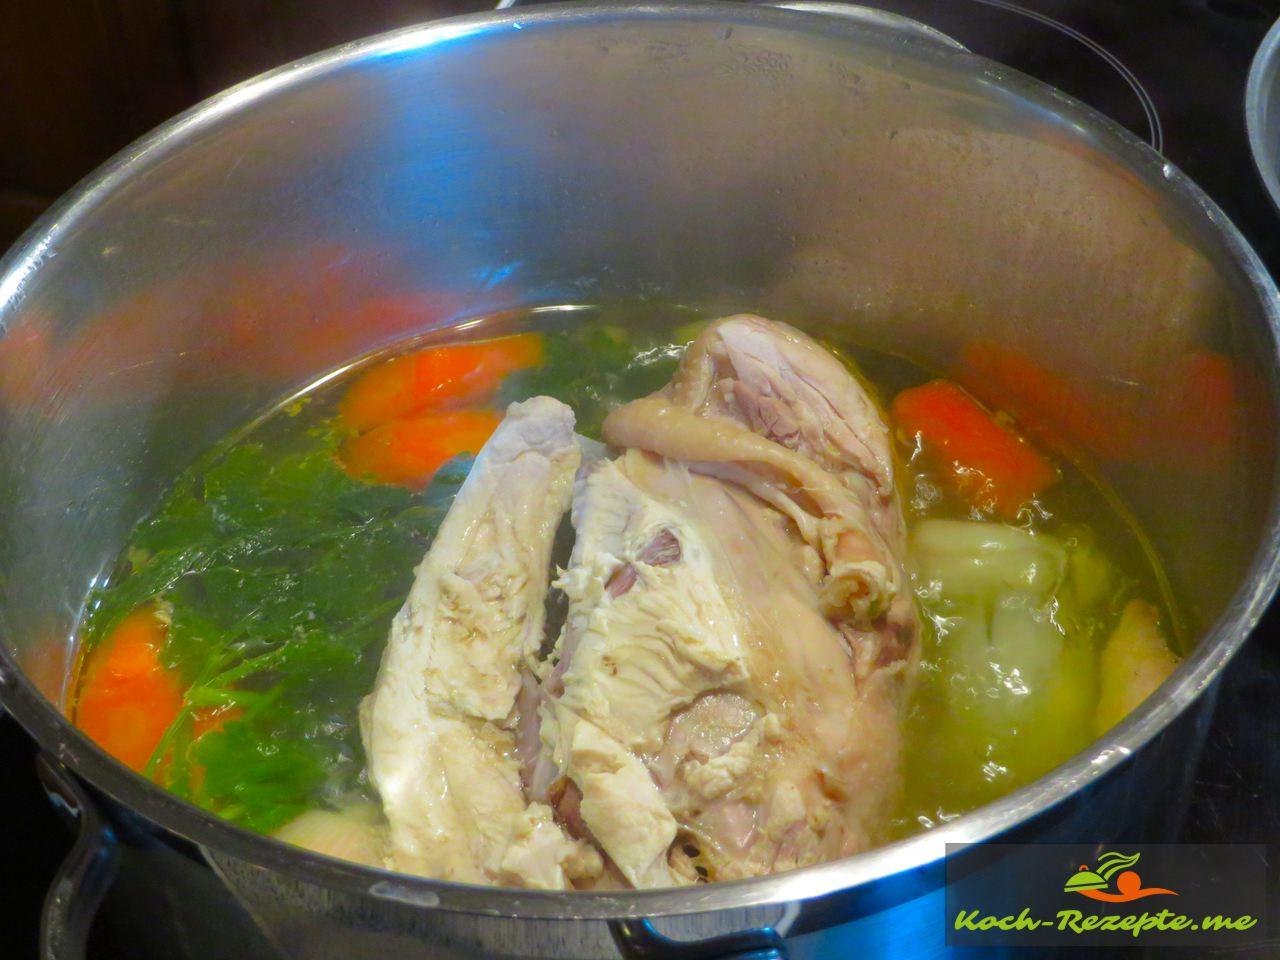 In einem großen Topf wurde das Huhn mit den Zutaten 60 Minuten gekocht